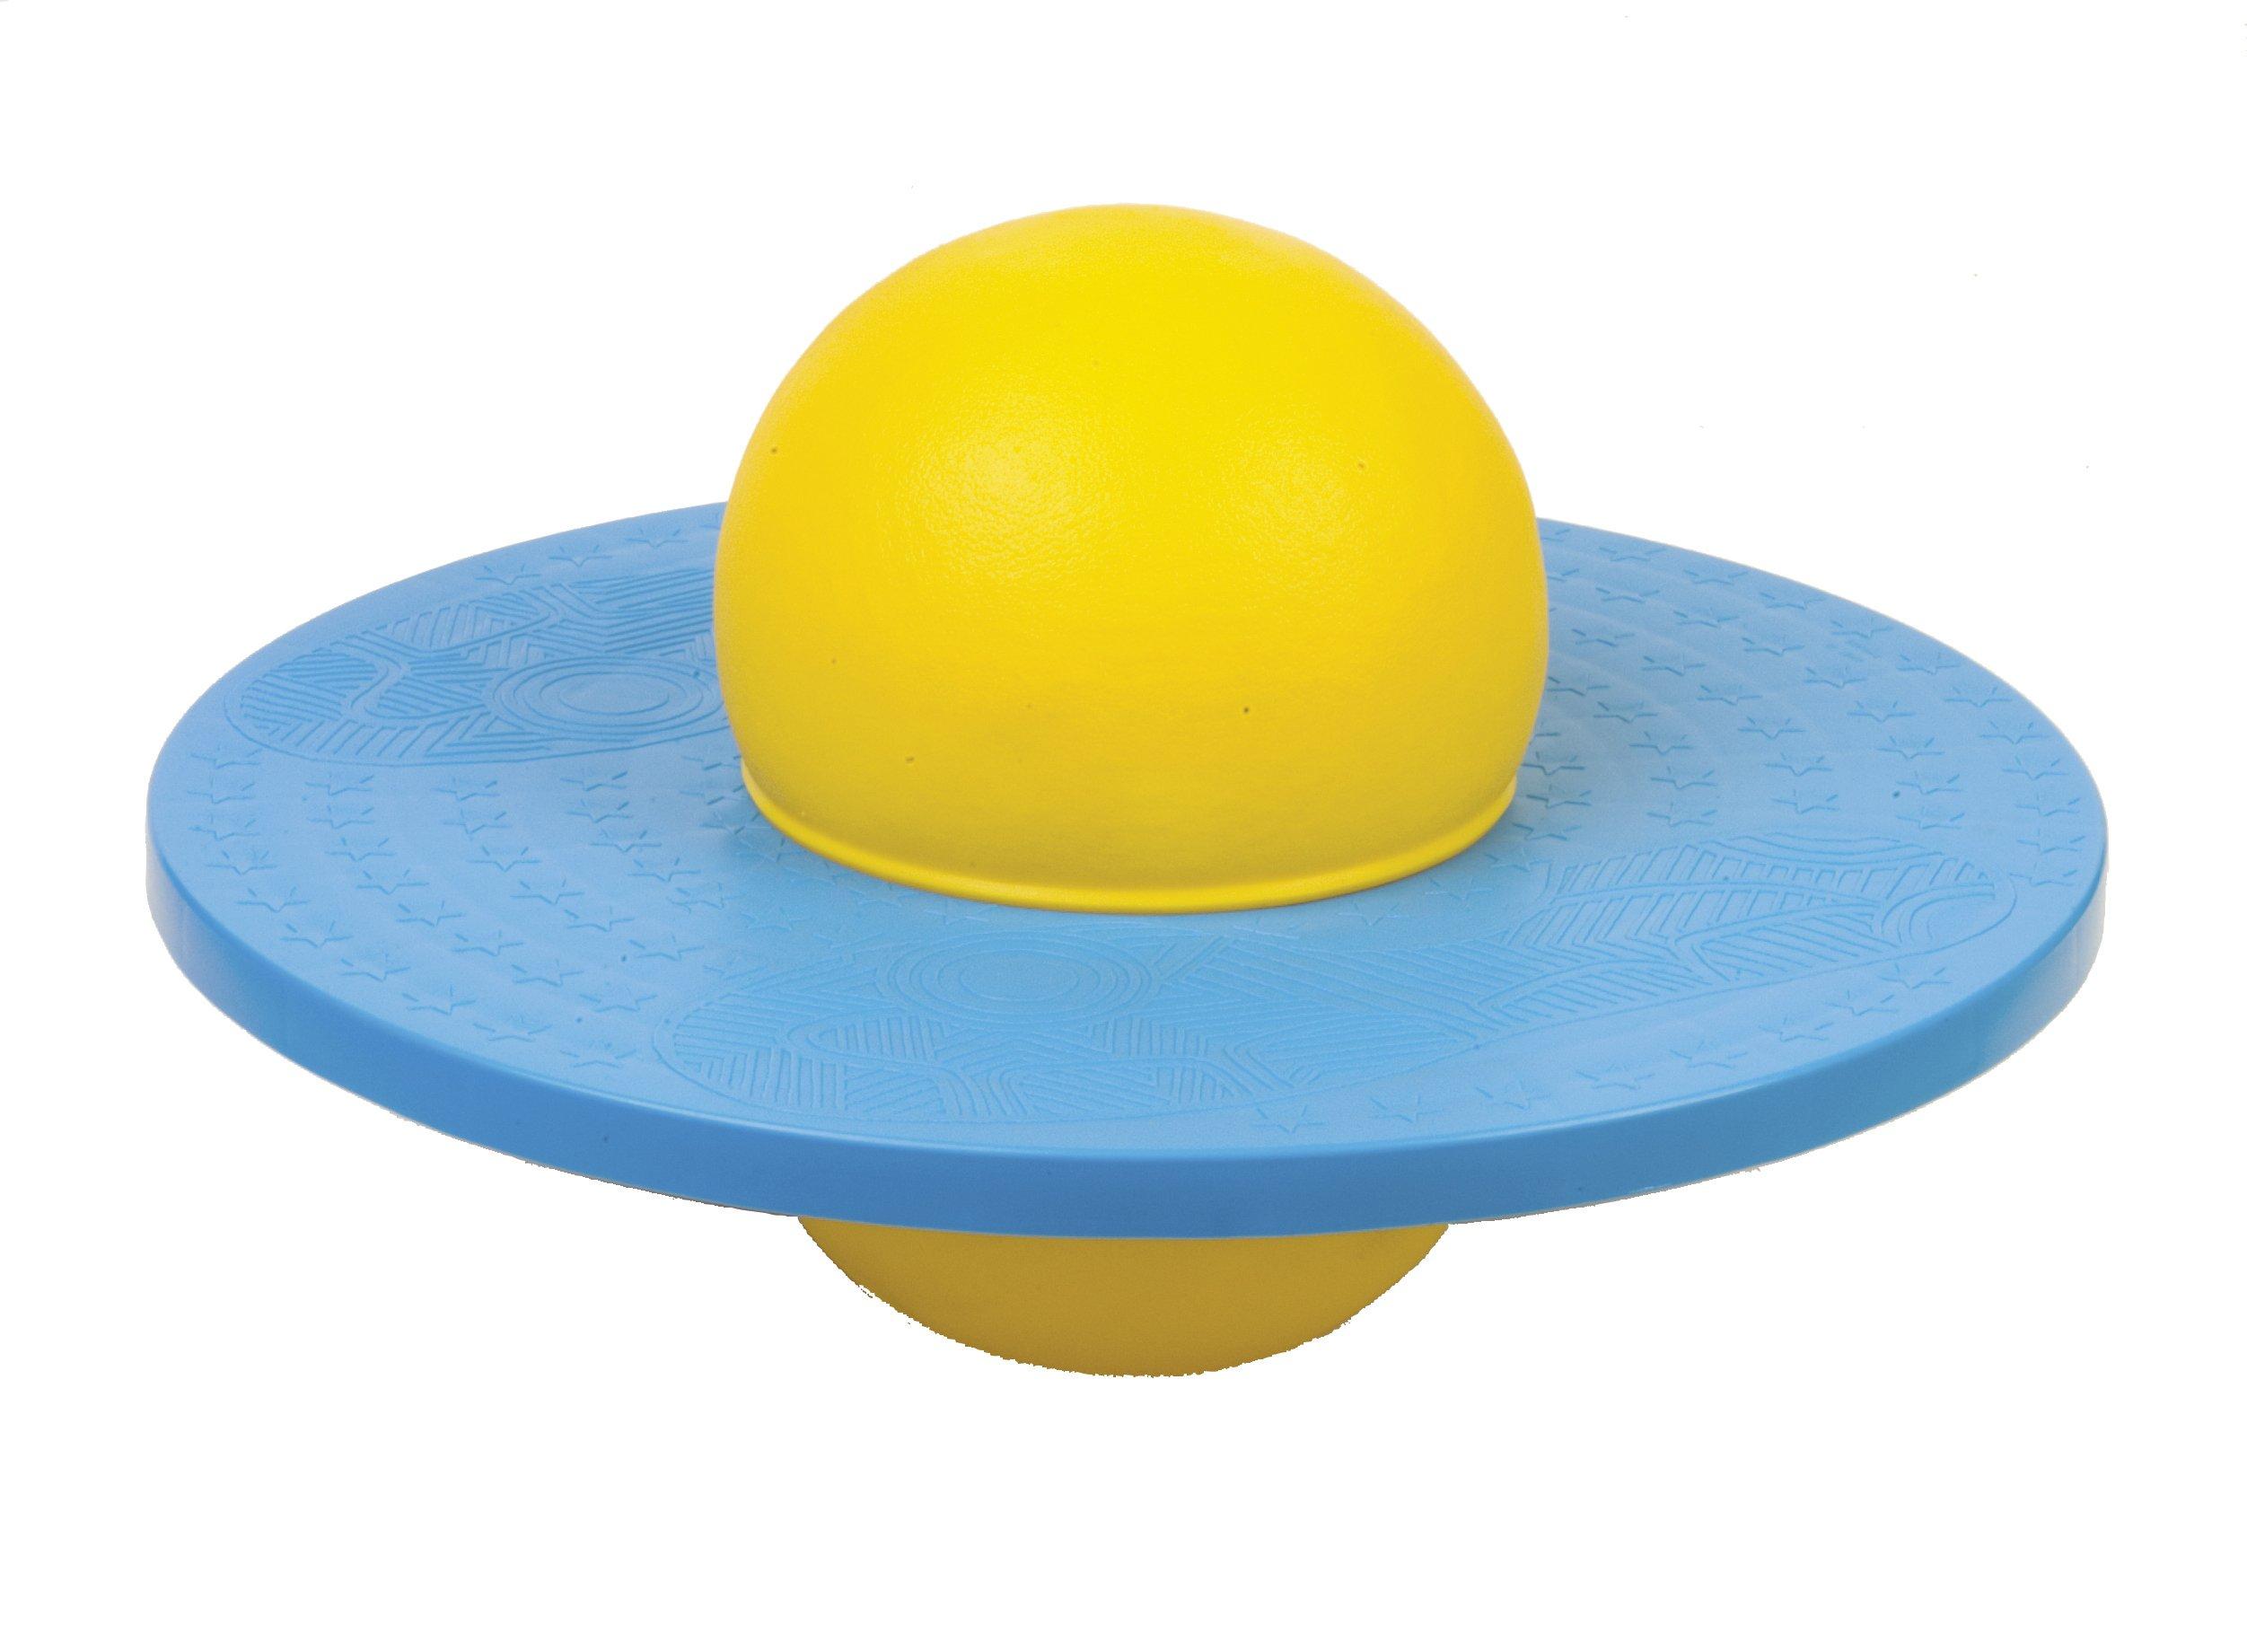 Champion Sports Balance Platform Ball by Champion Sports (Image #1)